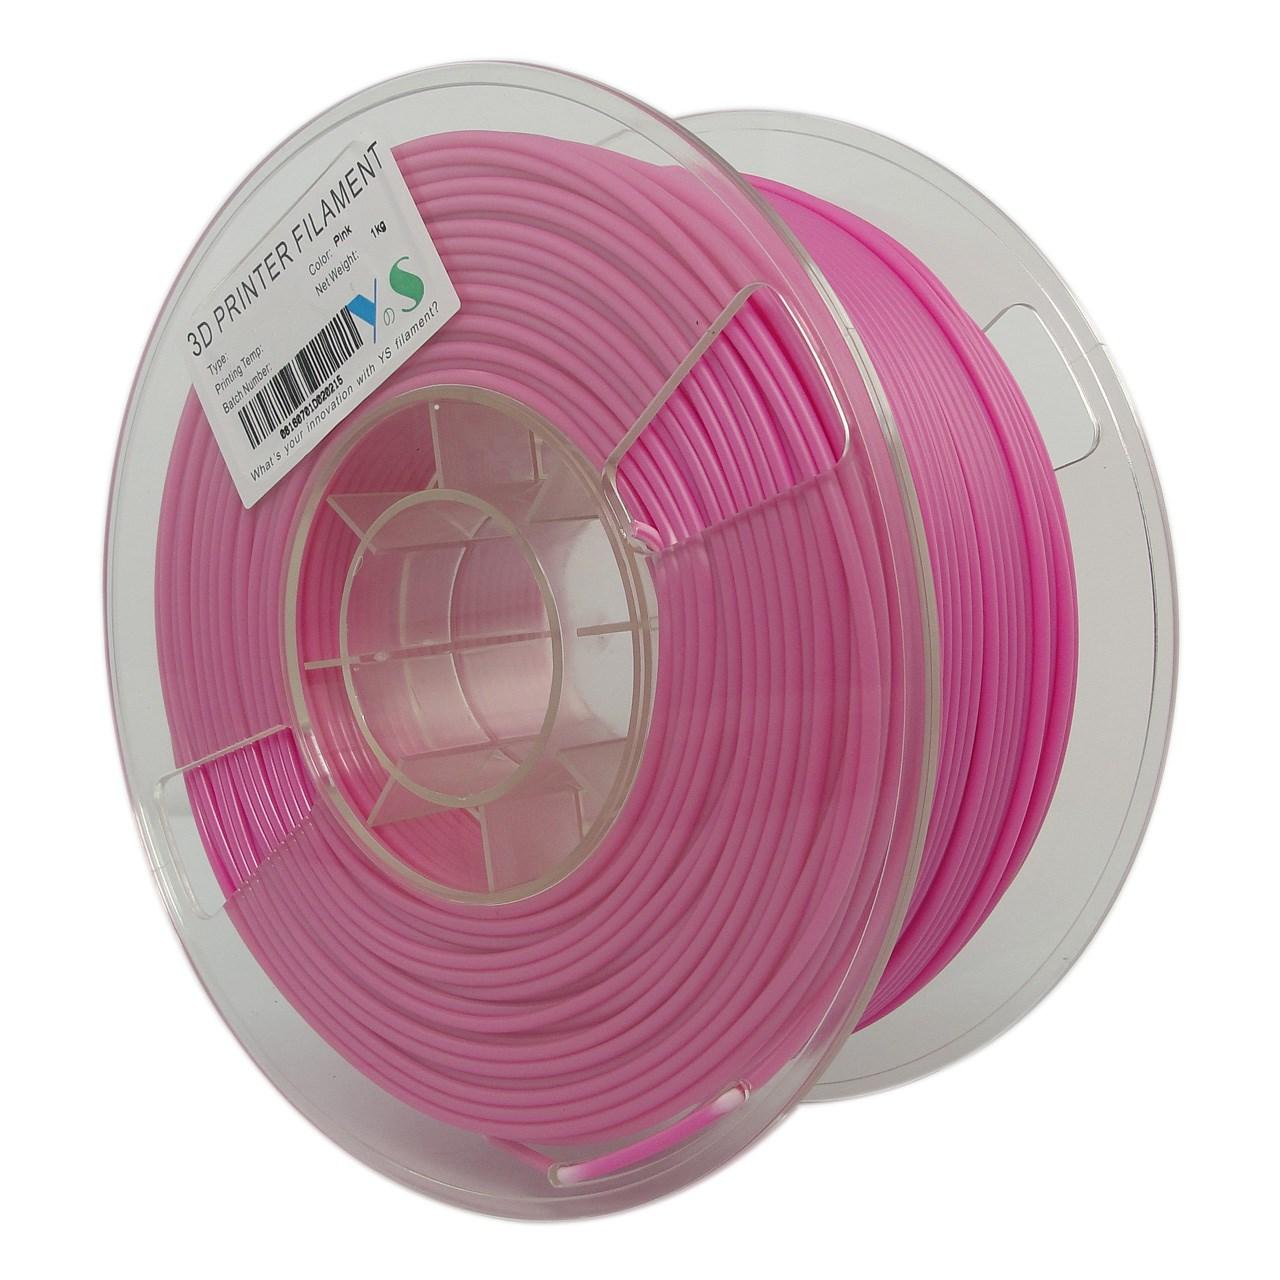 فیلامنت پرینتر سه بعدی PLA  یوسو صورتی  1.75 میلیمتر   1 کیلو